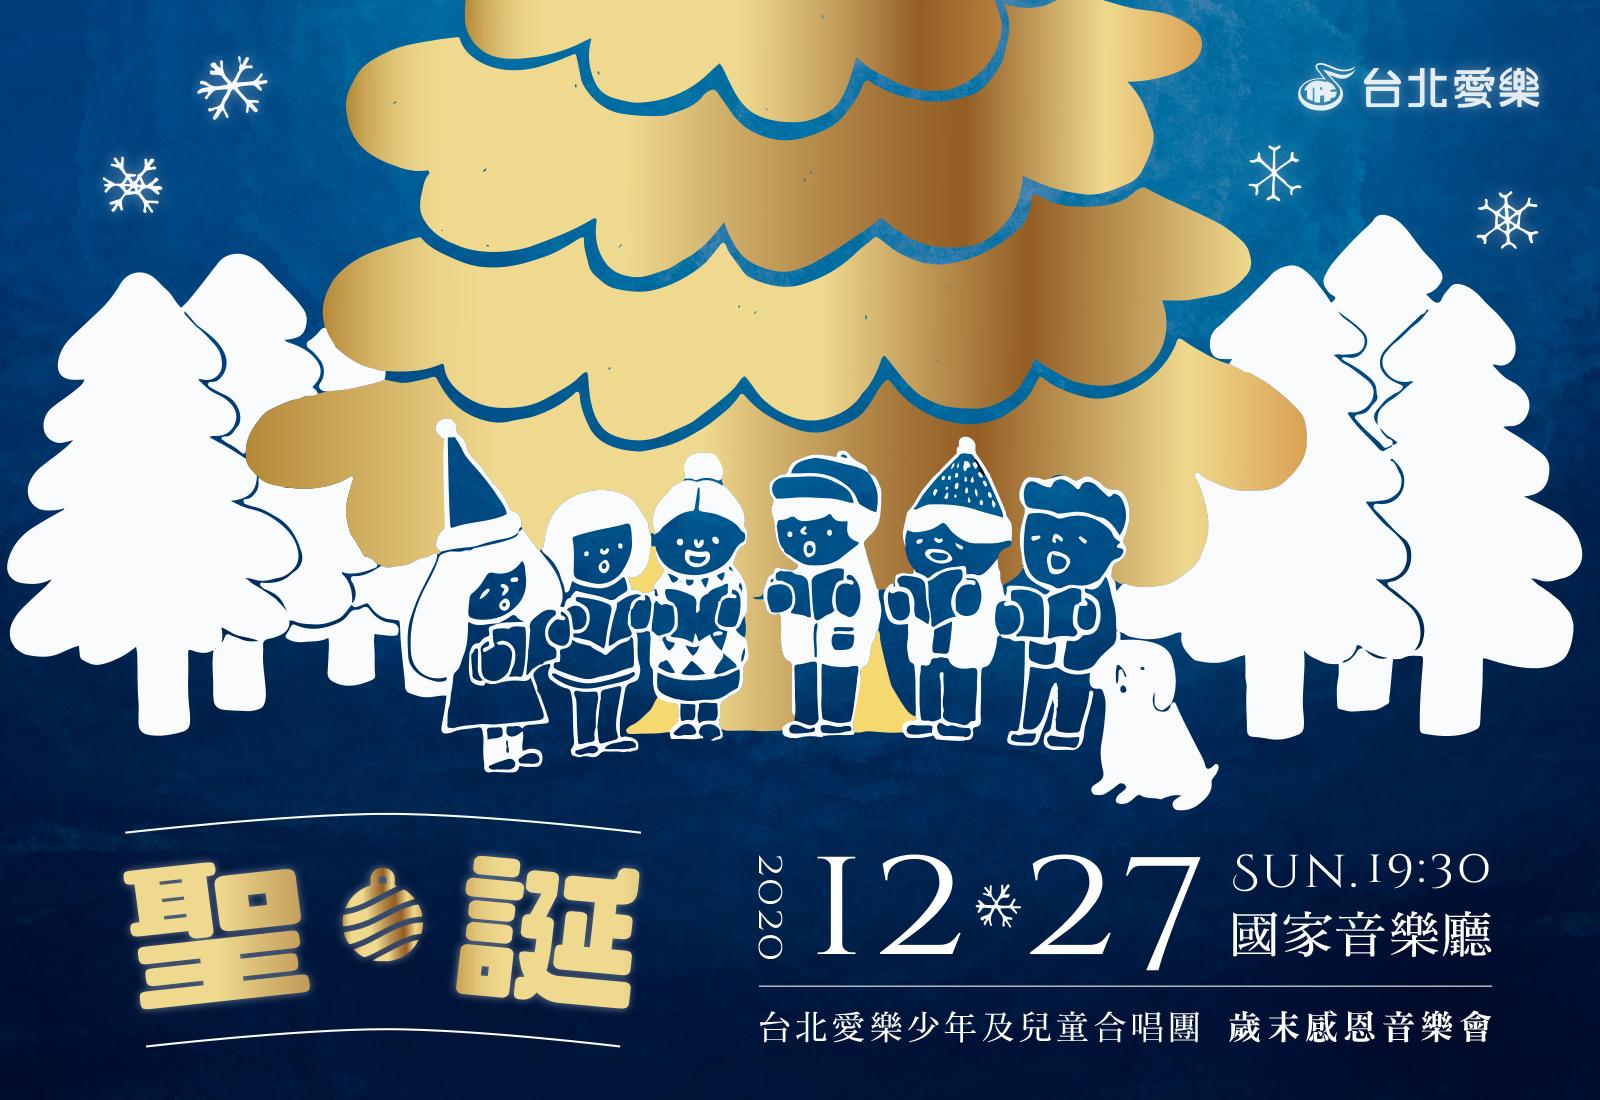 12/27 聖.誕—台北愛樂少年及兒童合唱團歲末感恩音樂會